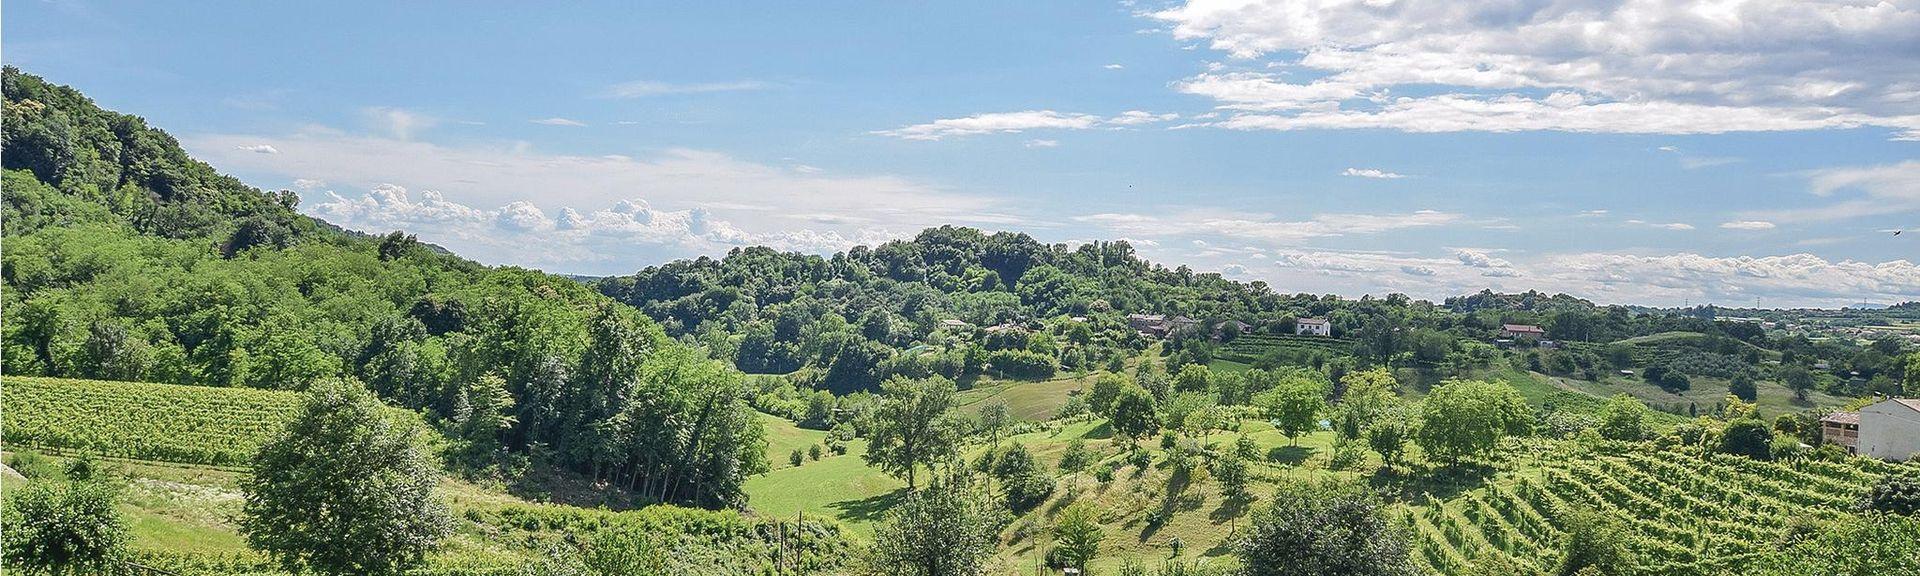 Montagnana, Padua, Veneto, Italy